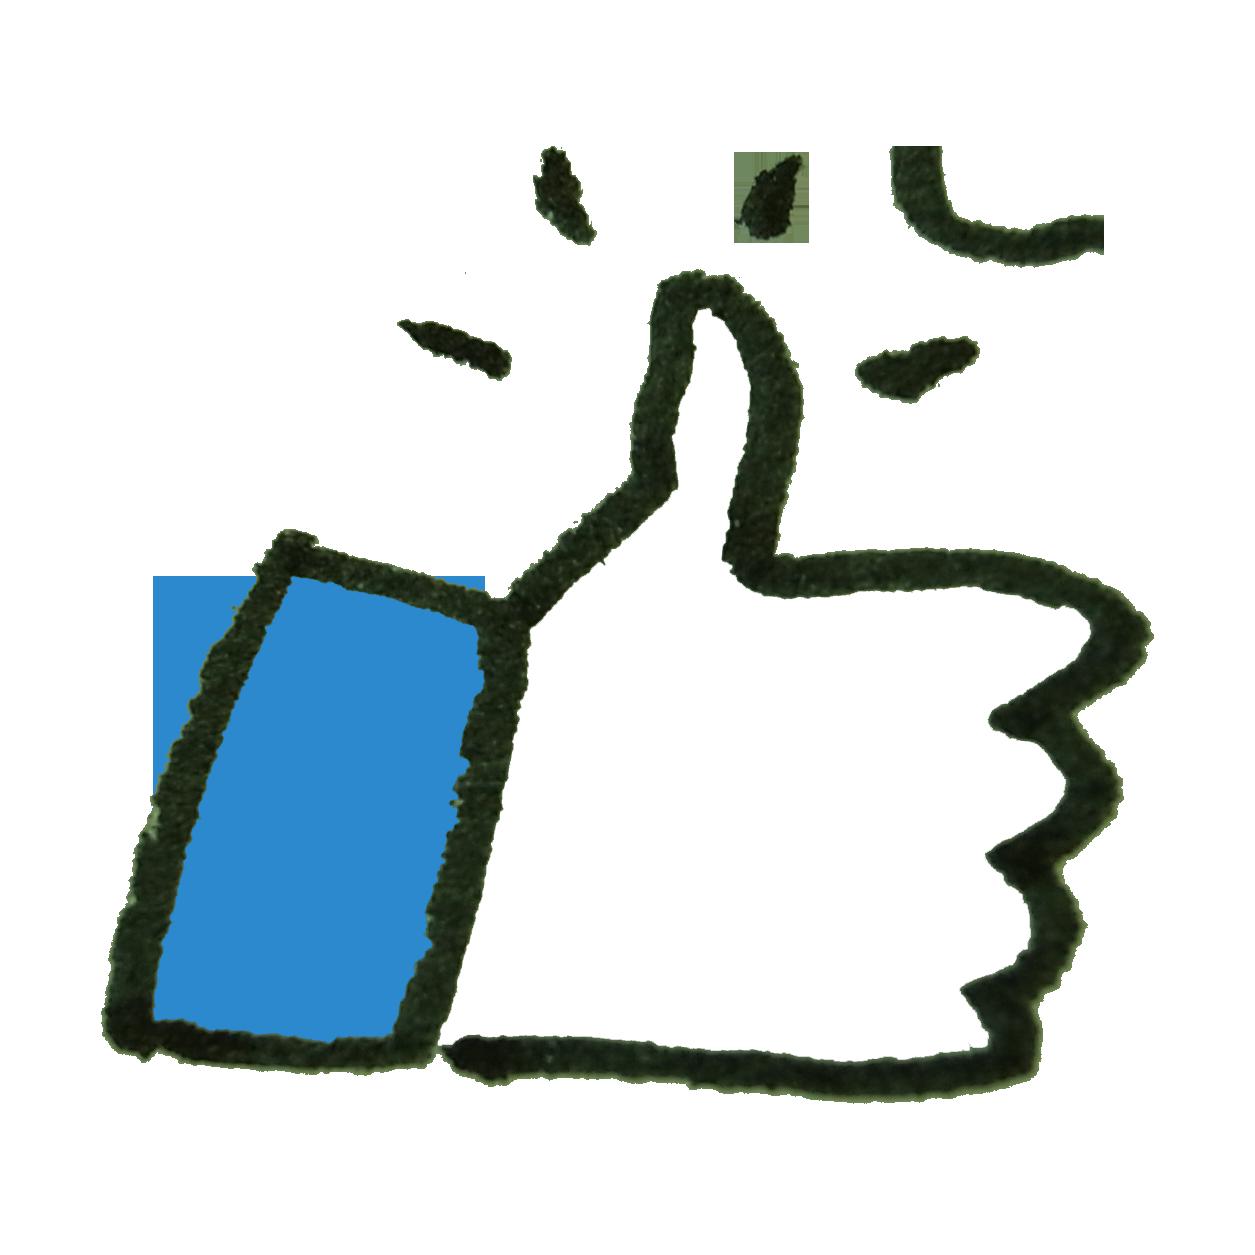 Facebookっぽいいいねアイコンのイラスト ゆるくてかわいい無料